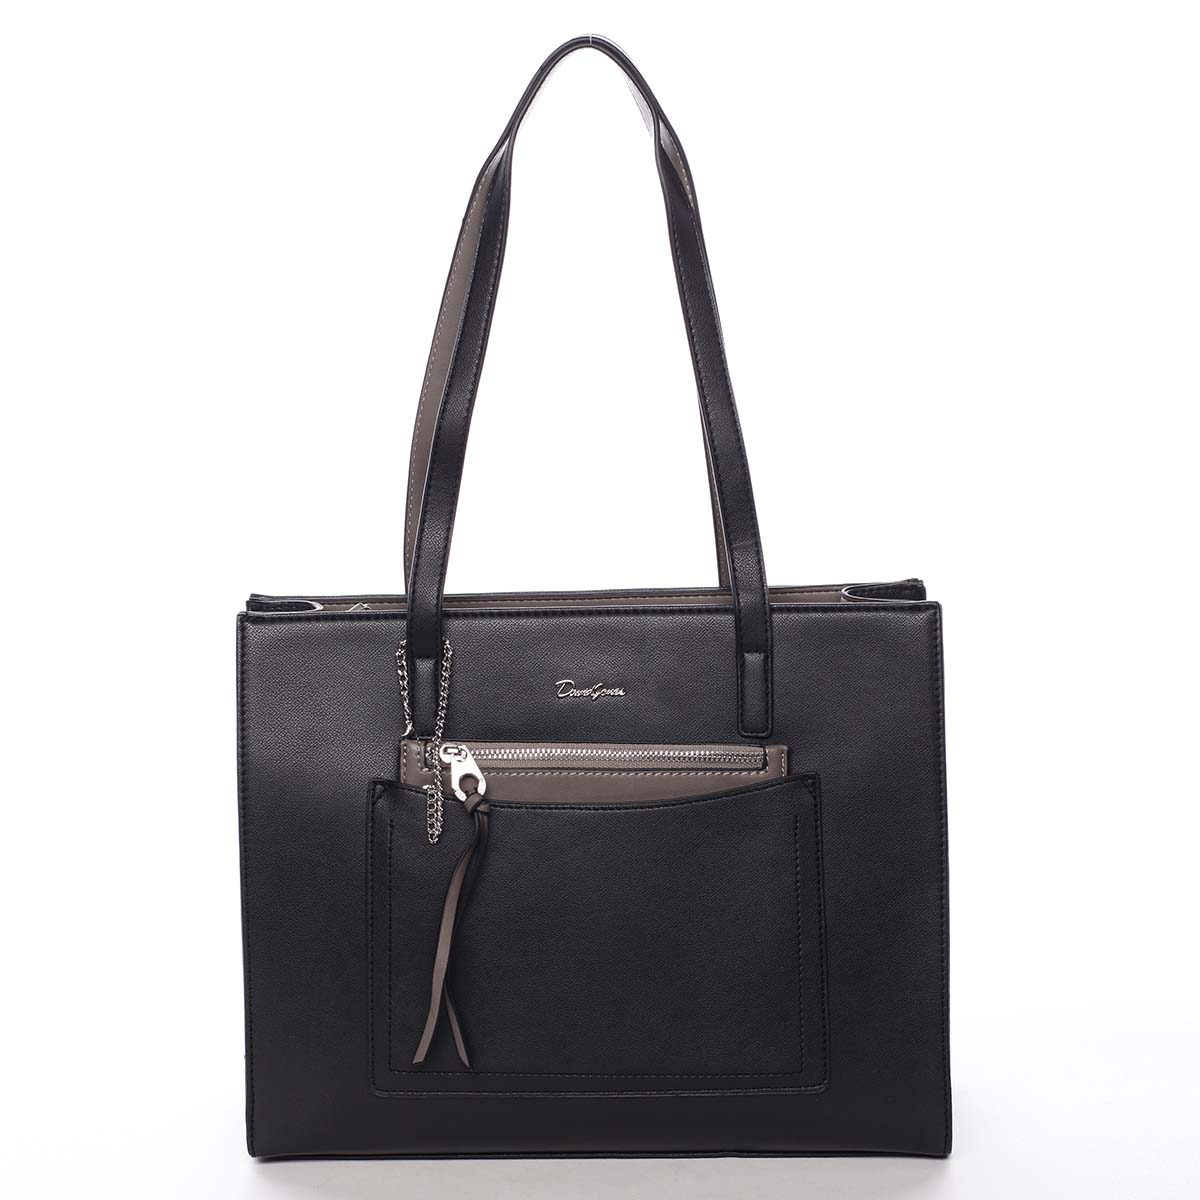 Dámska kabelka cez rameno čierna - David Jones Cara čierna